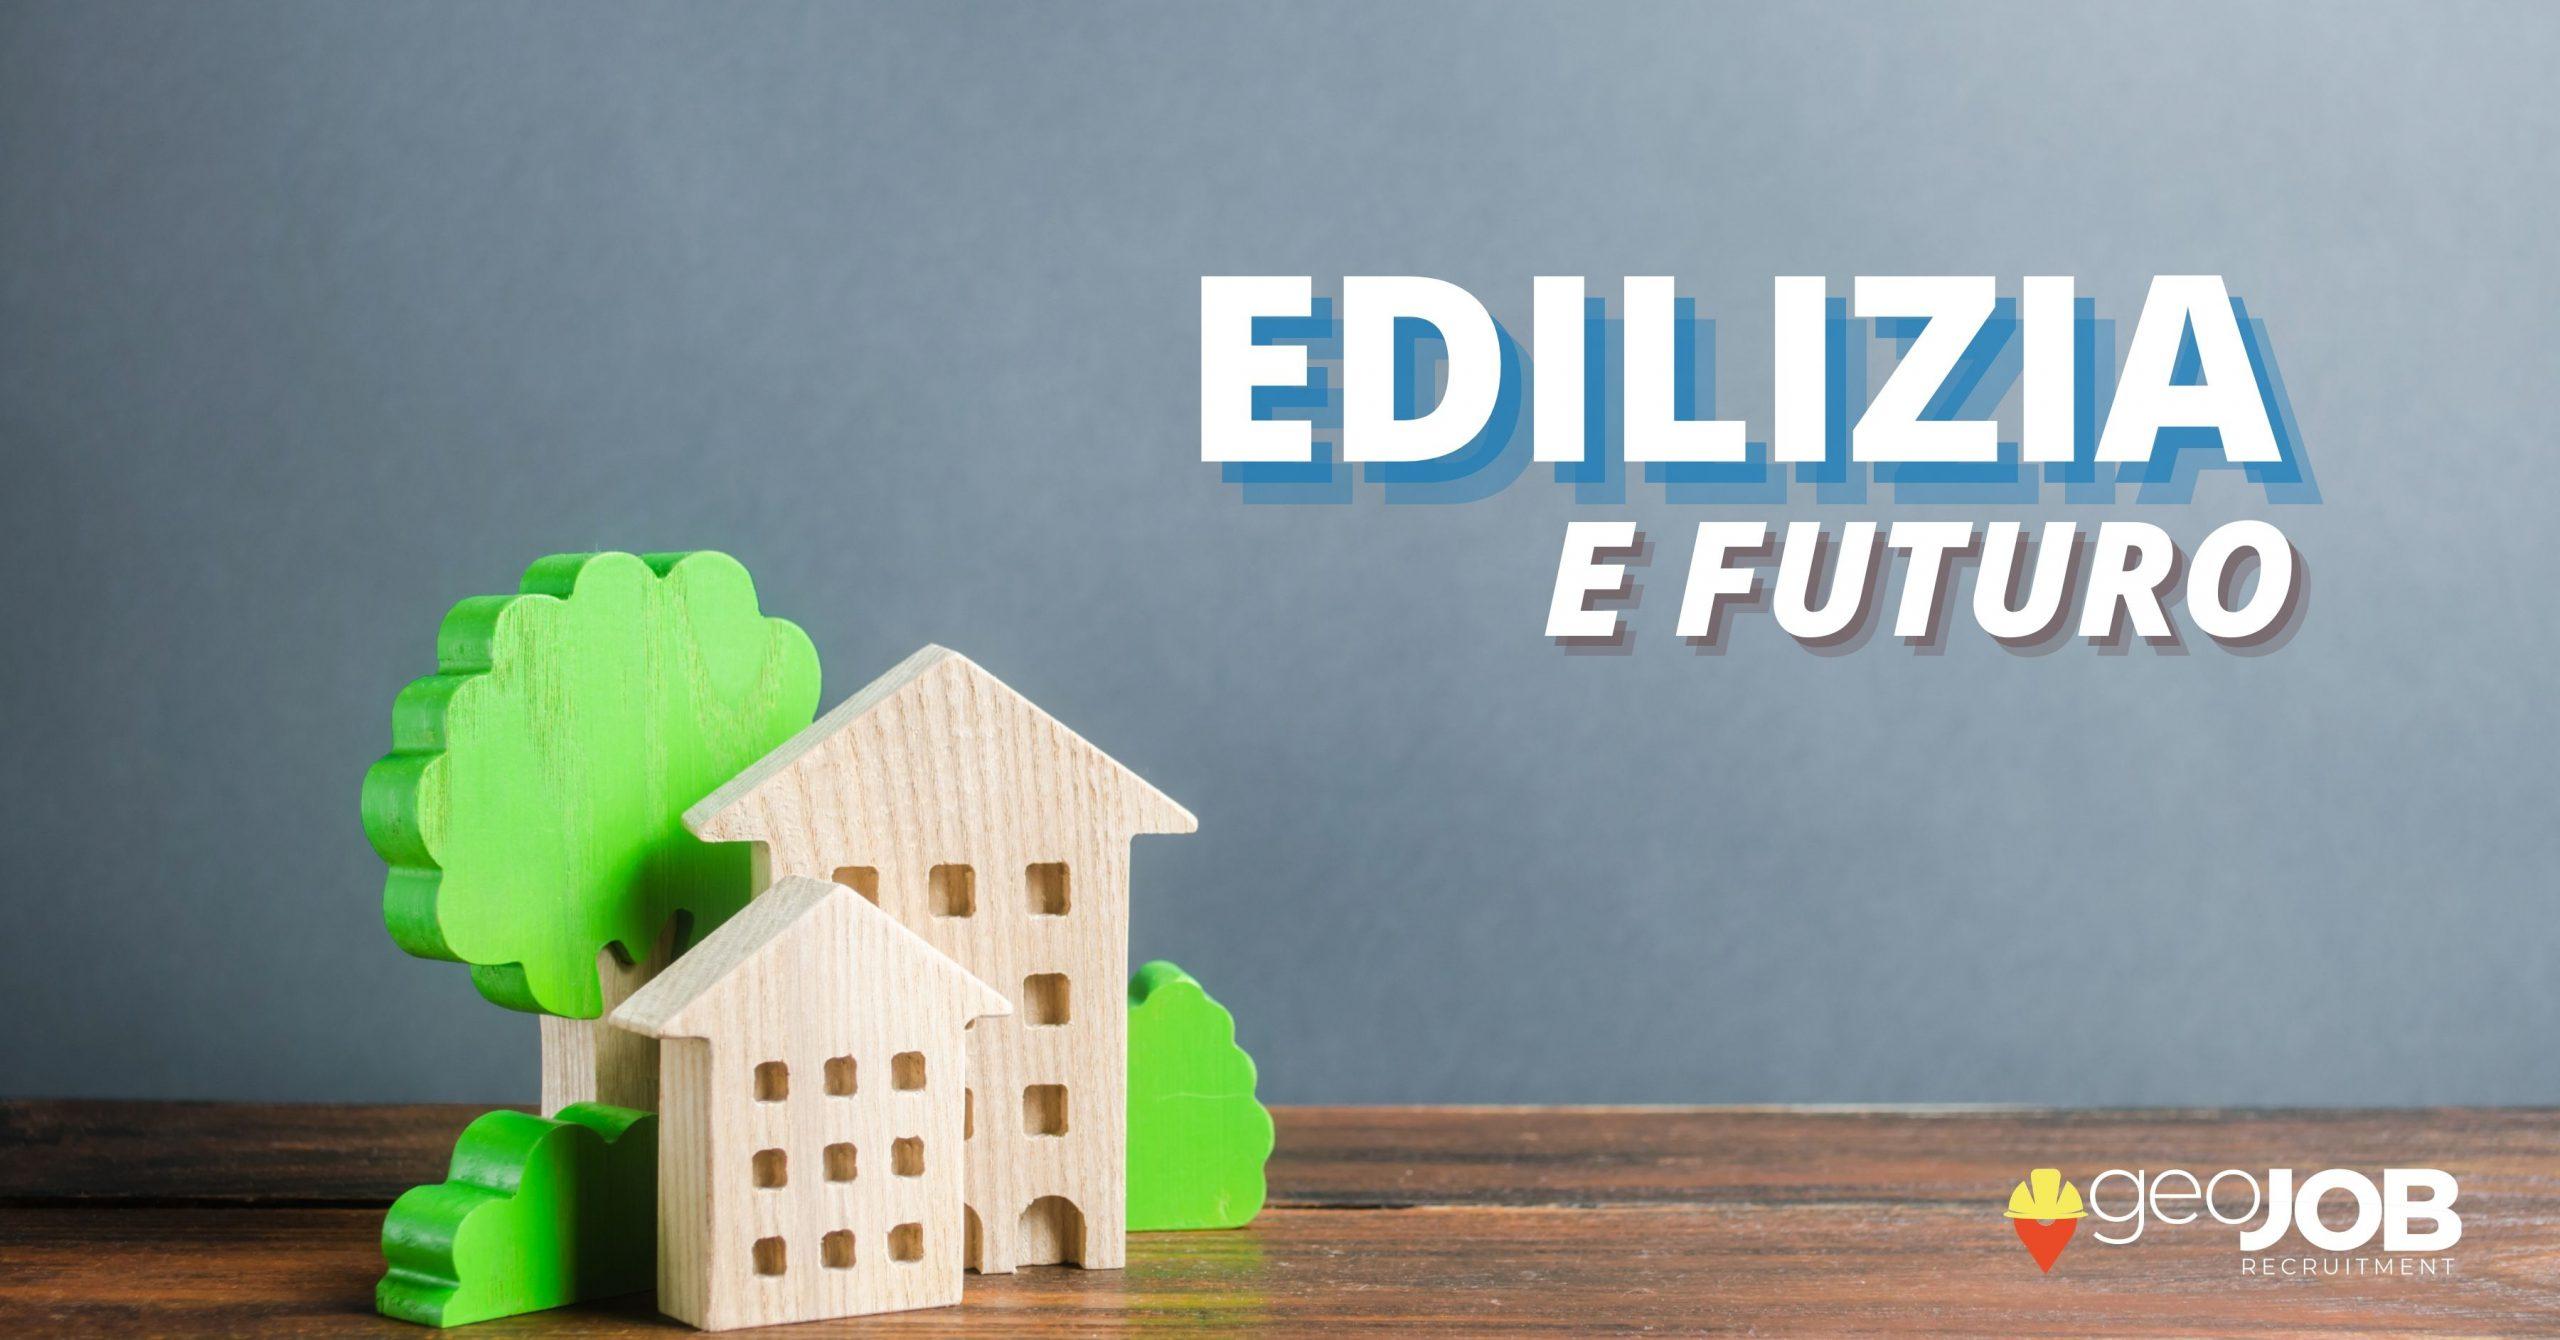 Il futuro dell'edilizia. Tra sviluppo del business, organizzazione cantieri e gestione dei talenti in azienda.